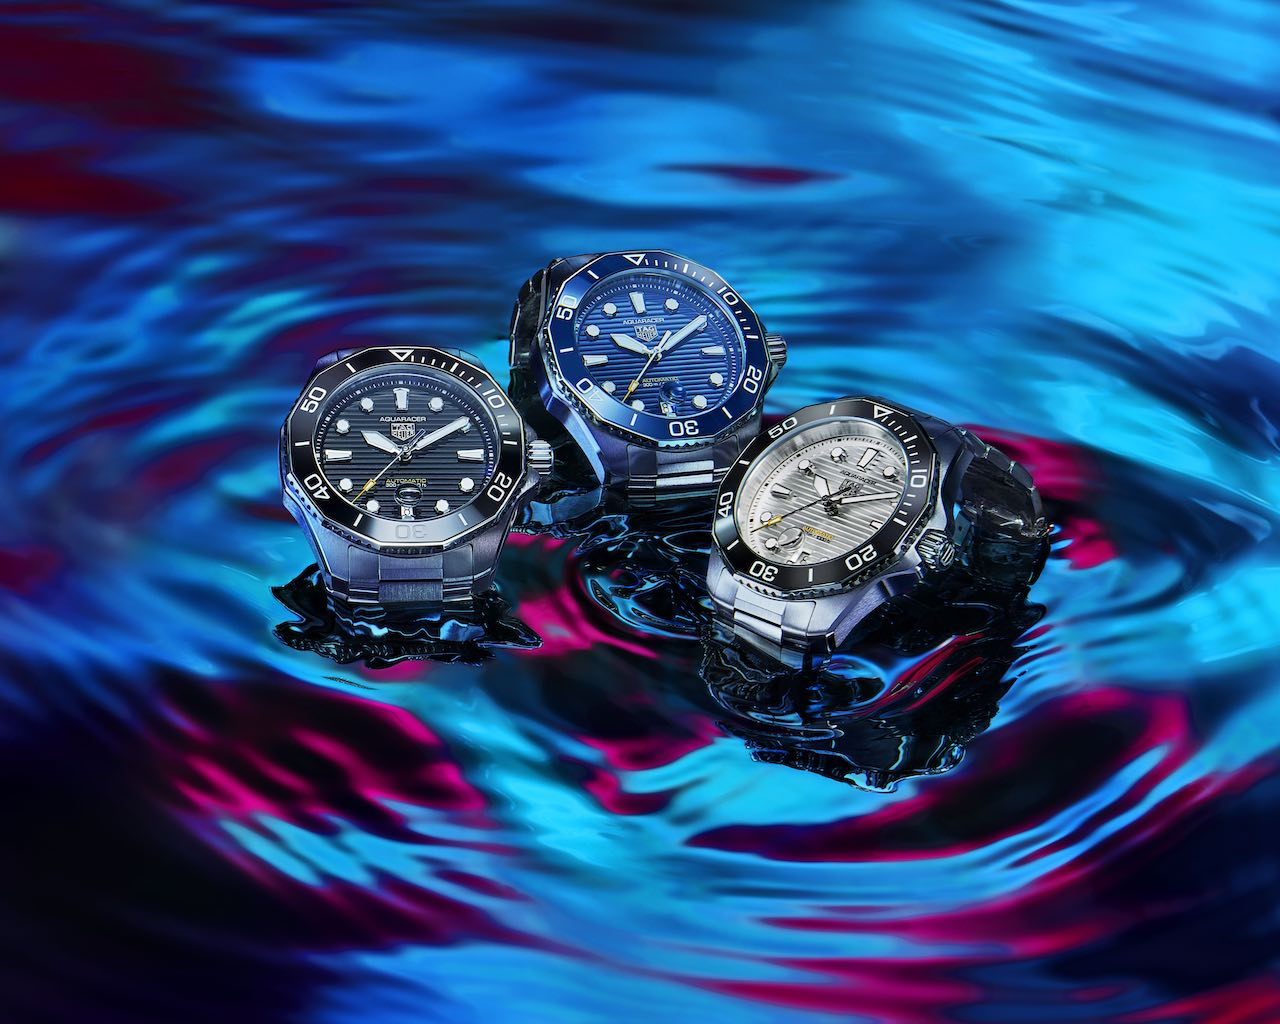 Aquaracer, a surpresa da TAG Heuer